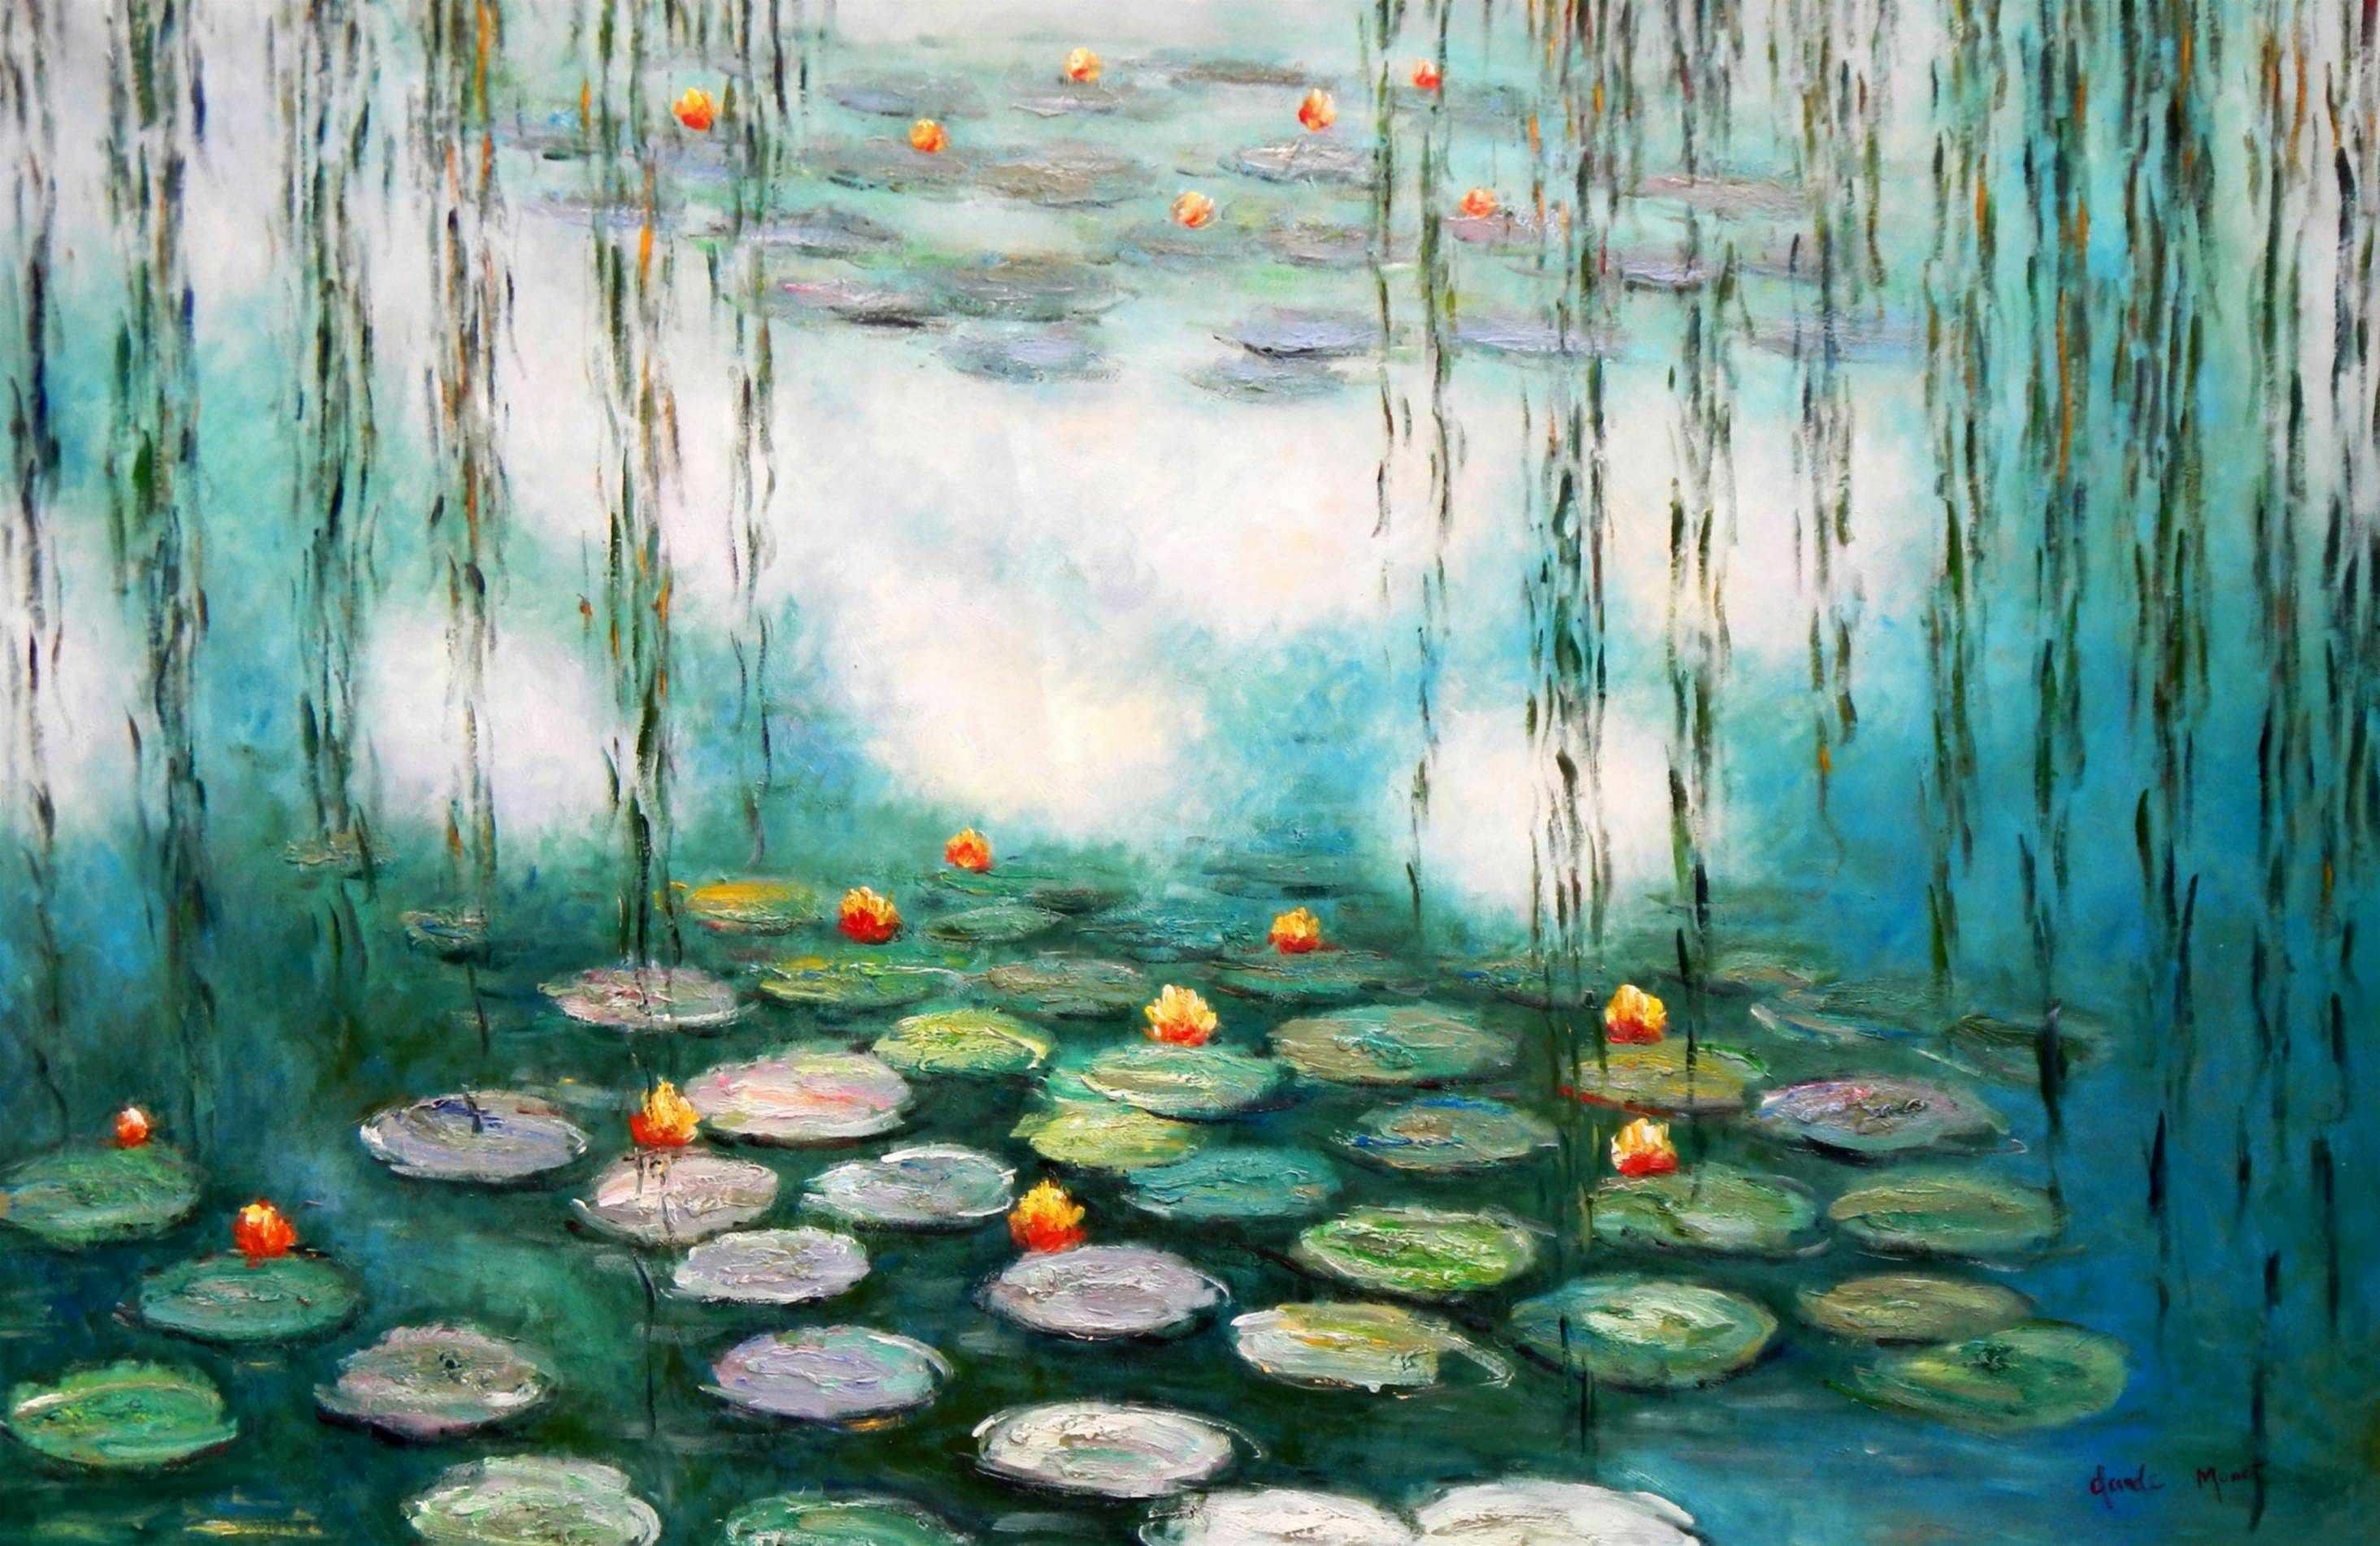 Claude Monet - Seerosen & Weiden Spezialausführung mintgrün p96272 120x180cm Ölbild handgemalt Museumsqualität